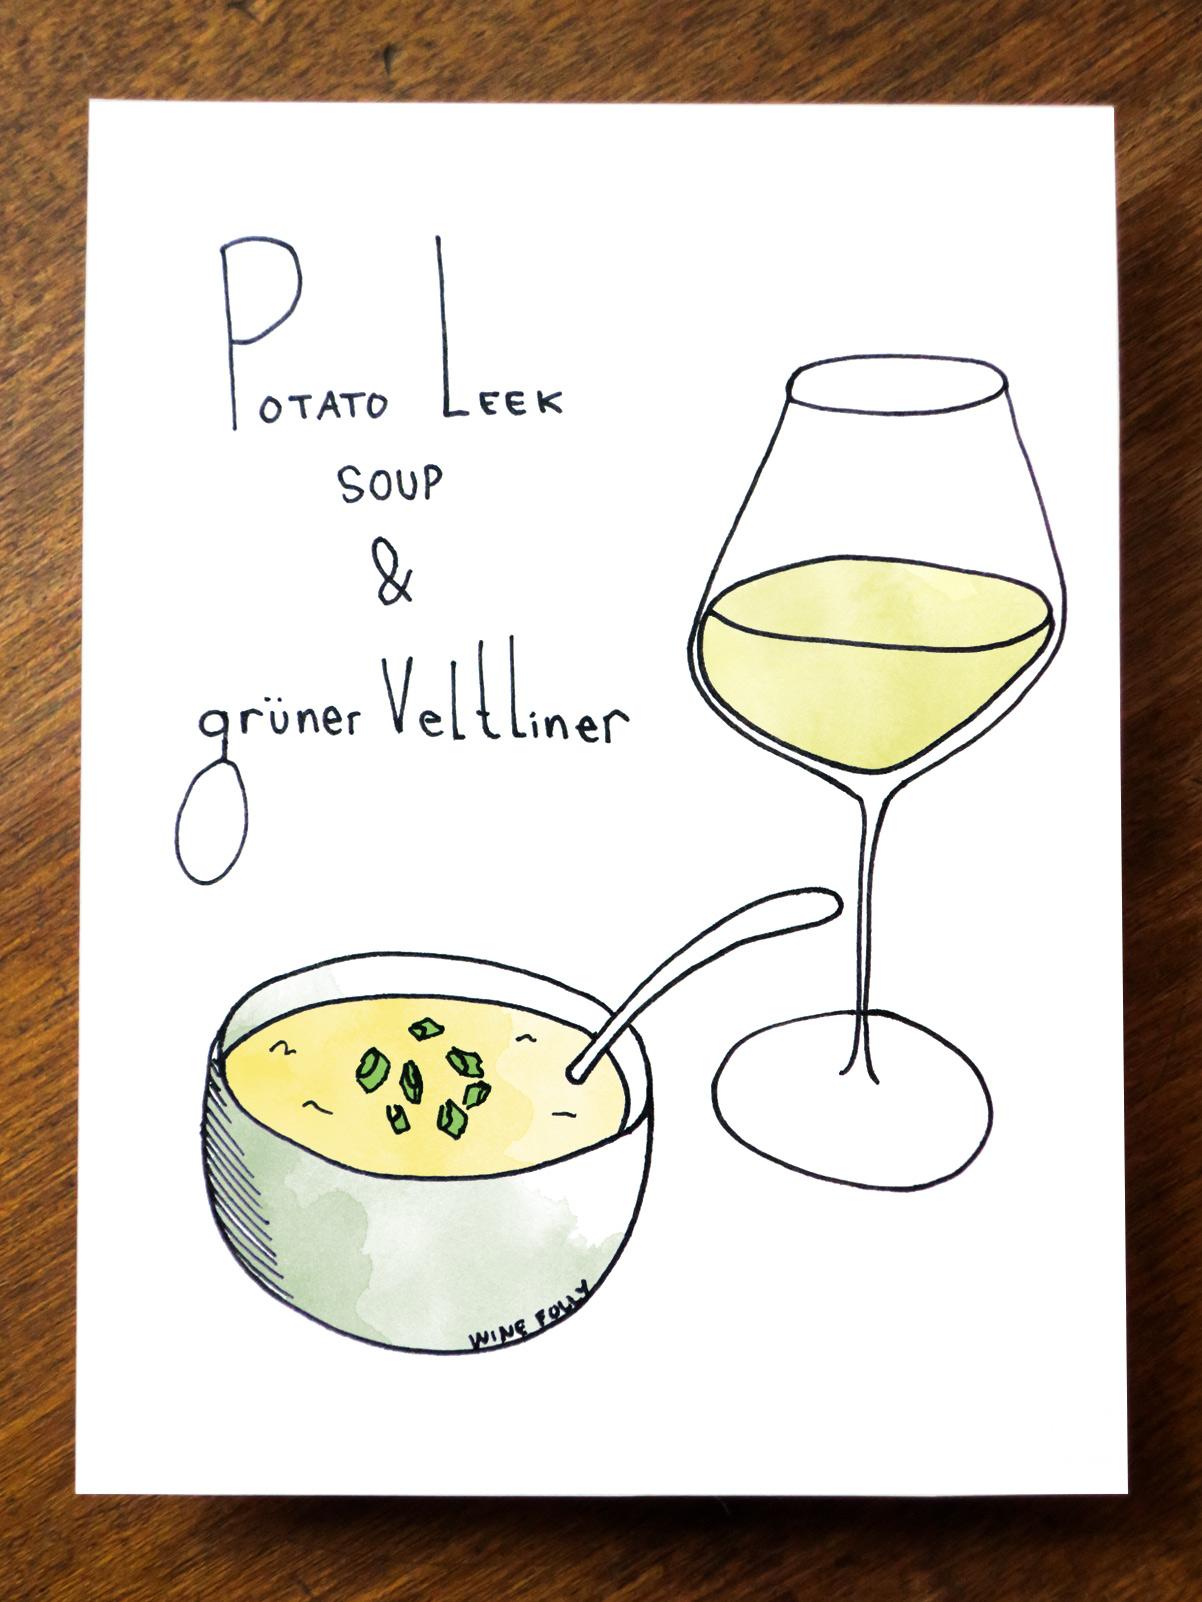 potato-leek-soup-wine-pairing-gruner-veltliner